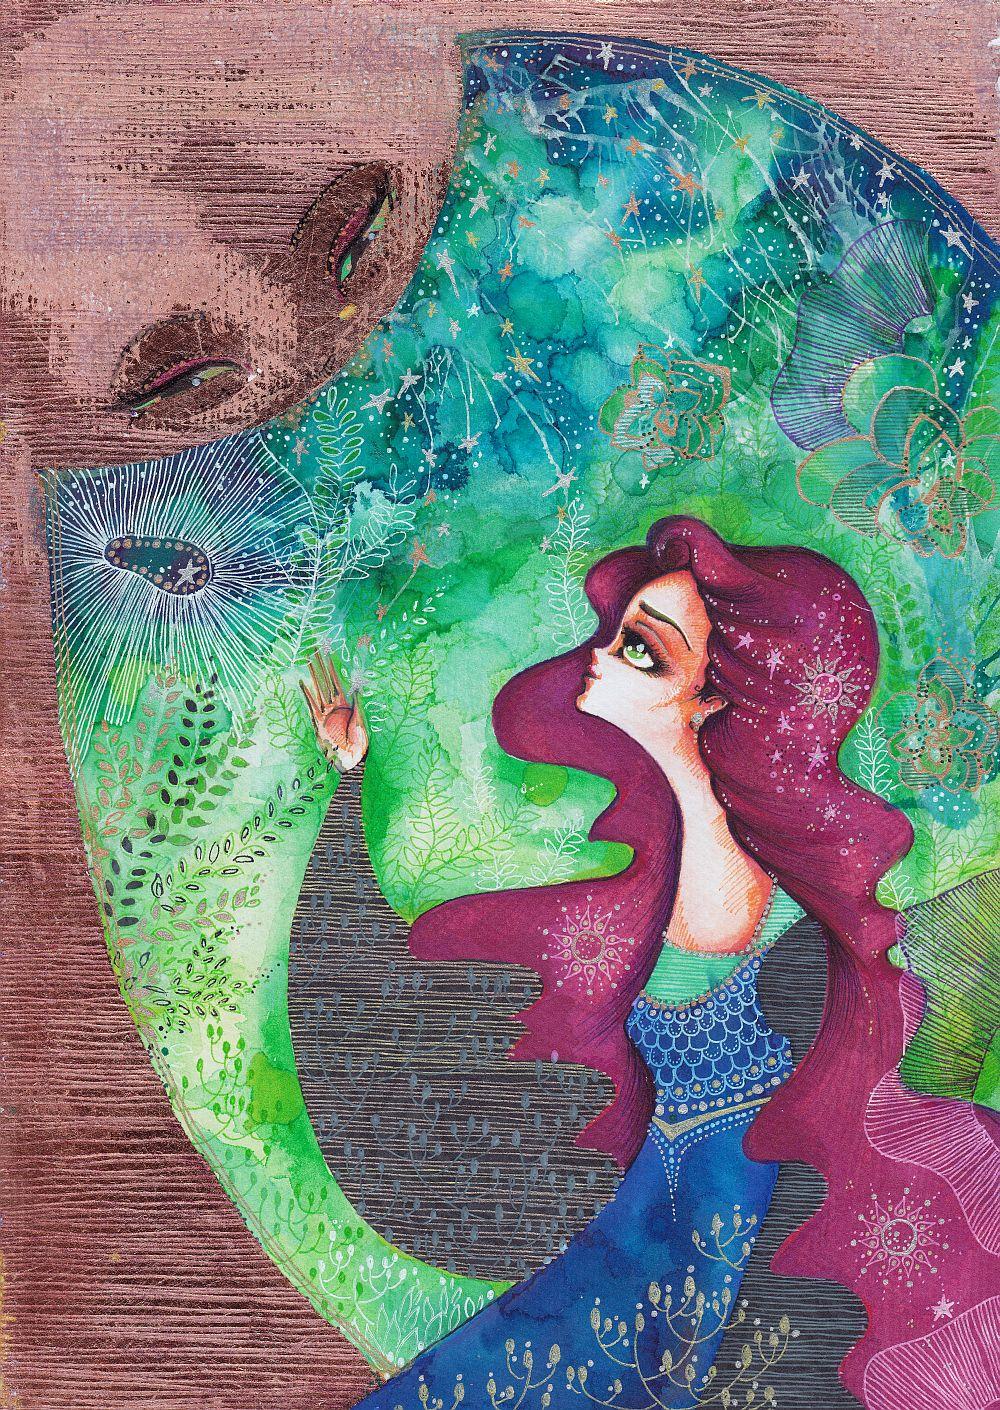 adelaparvu.com despre O povEstetica, expozitie la Pallets, artist Alina Borcea, lucrare Embrace